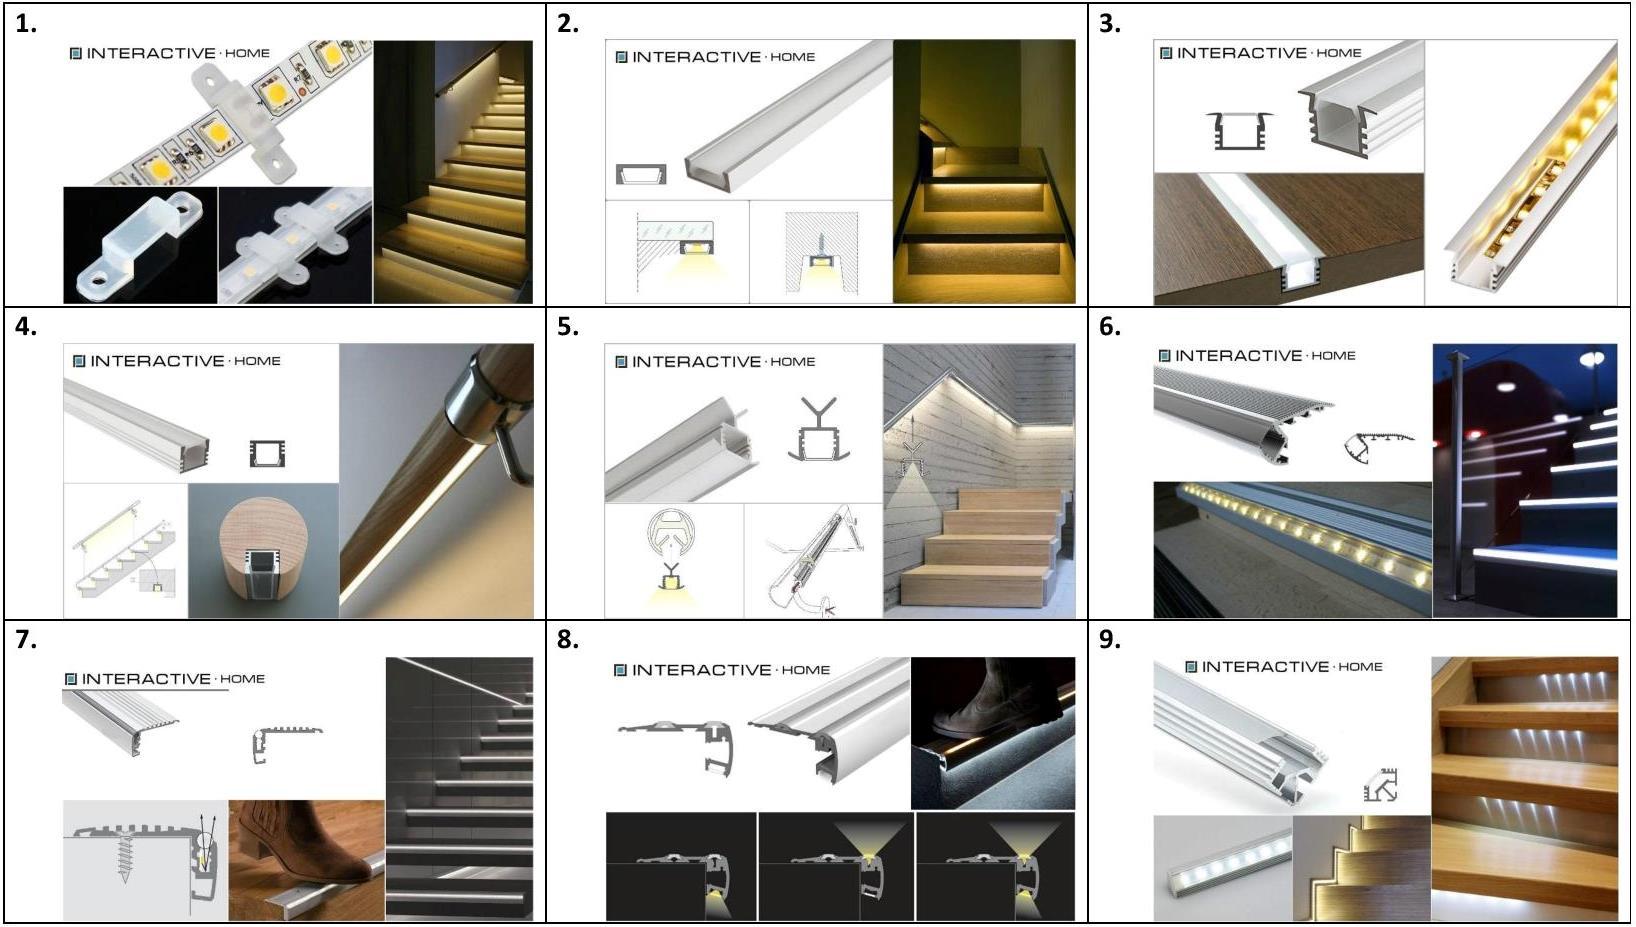 Способы монтажа и крепления светодиодной ленты